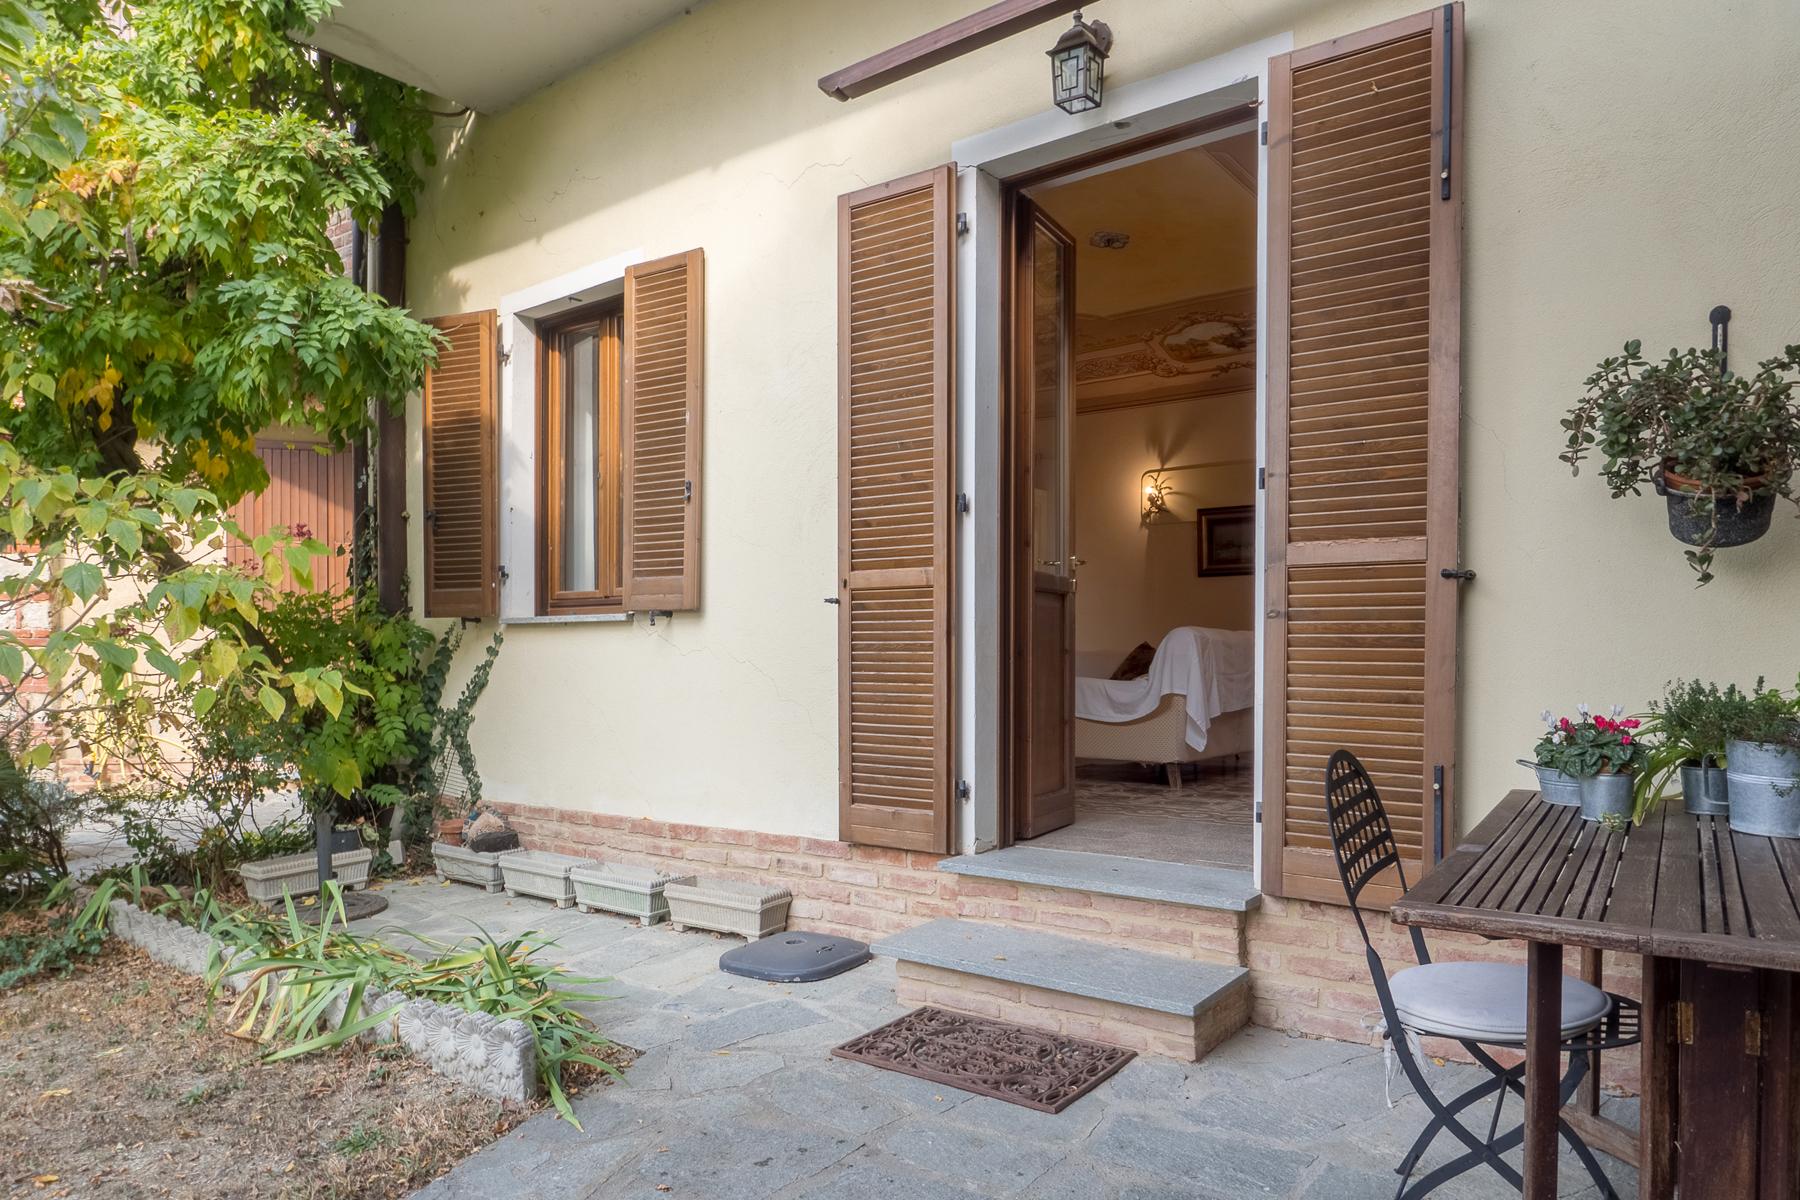 Appartamento in Vendita a Vignale Monferrato: 5 locali, 140 mq